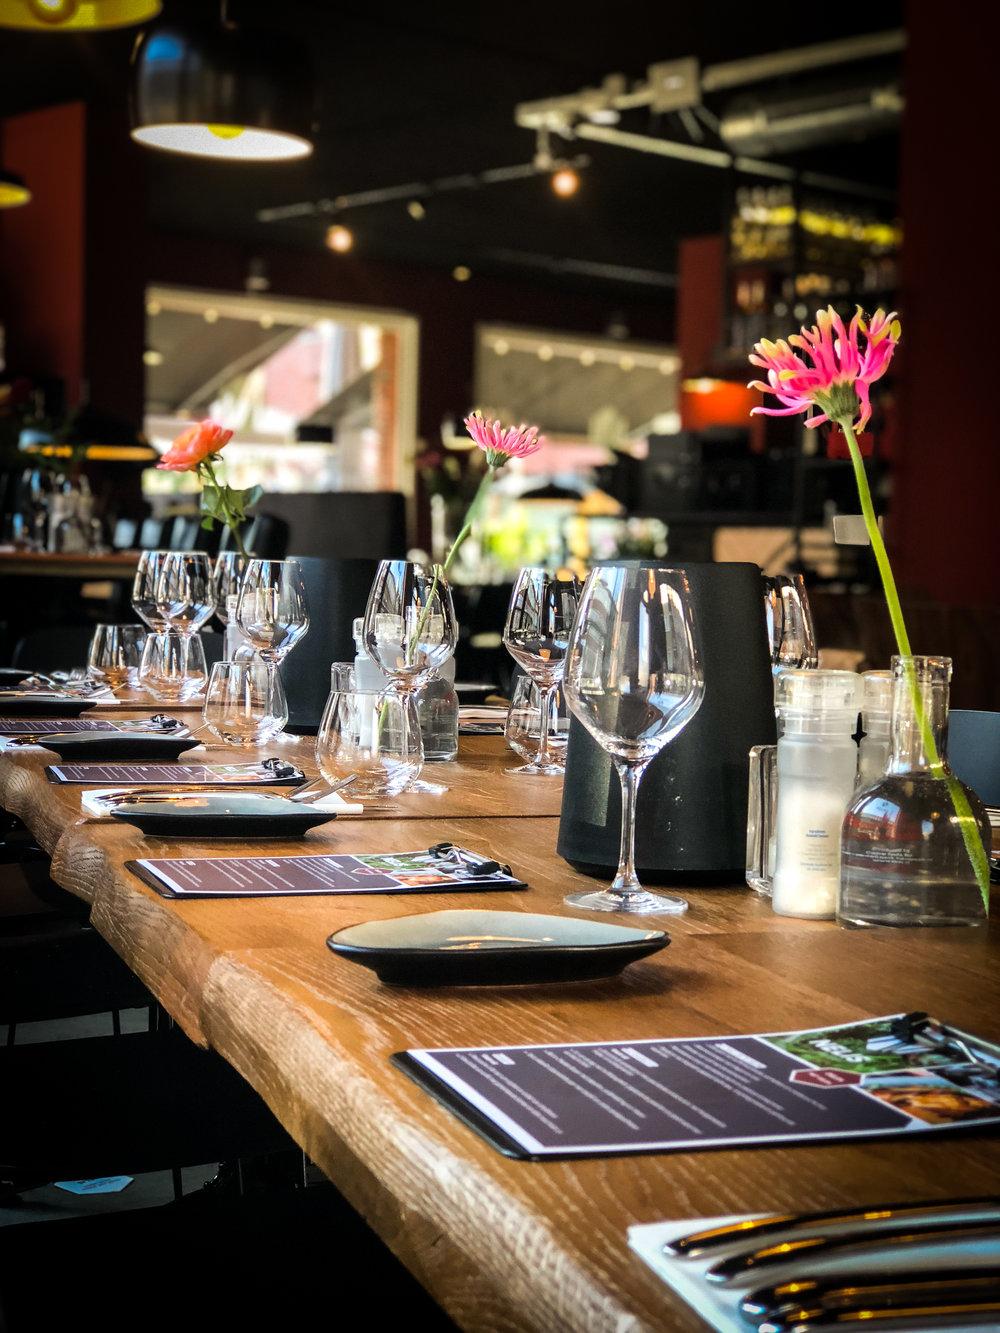 Bedrijfsborrel   Bedrijfsfeest   Bedrijfsdiner Amsterdam   Restaurant NELIS West